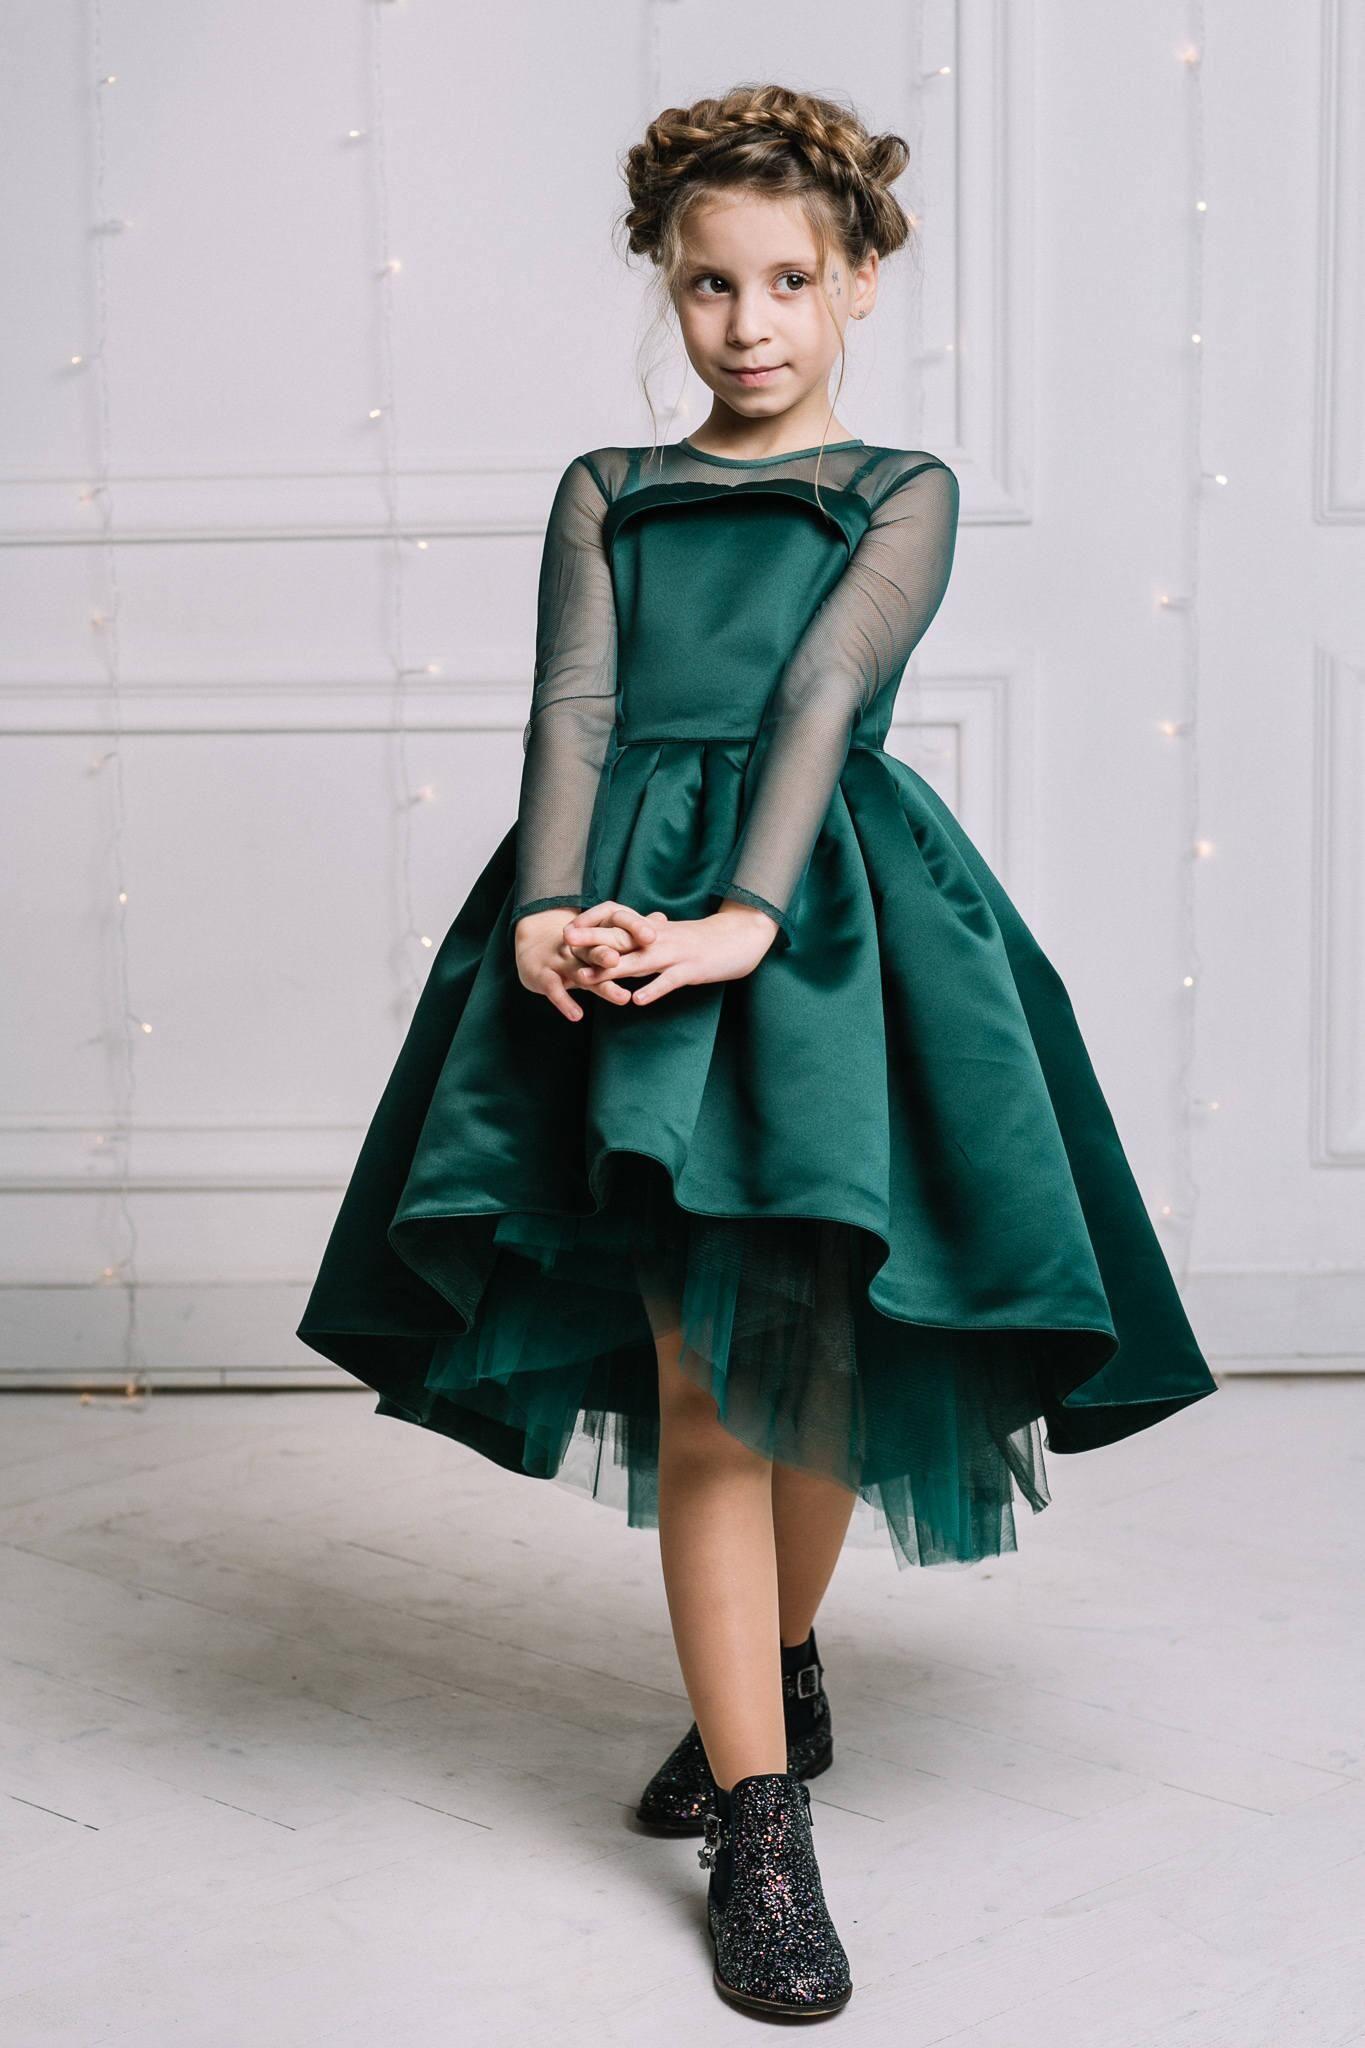 Compre Adorable Vestido Verde Esmeralda Corto Vestidos Para Adolescentes Diseño Hi Lo Mangas Largas Joya Niñas Vestido De Fiesta Cumpleaños Vestido De